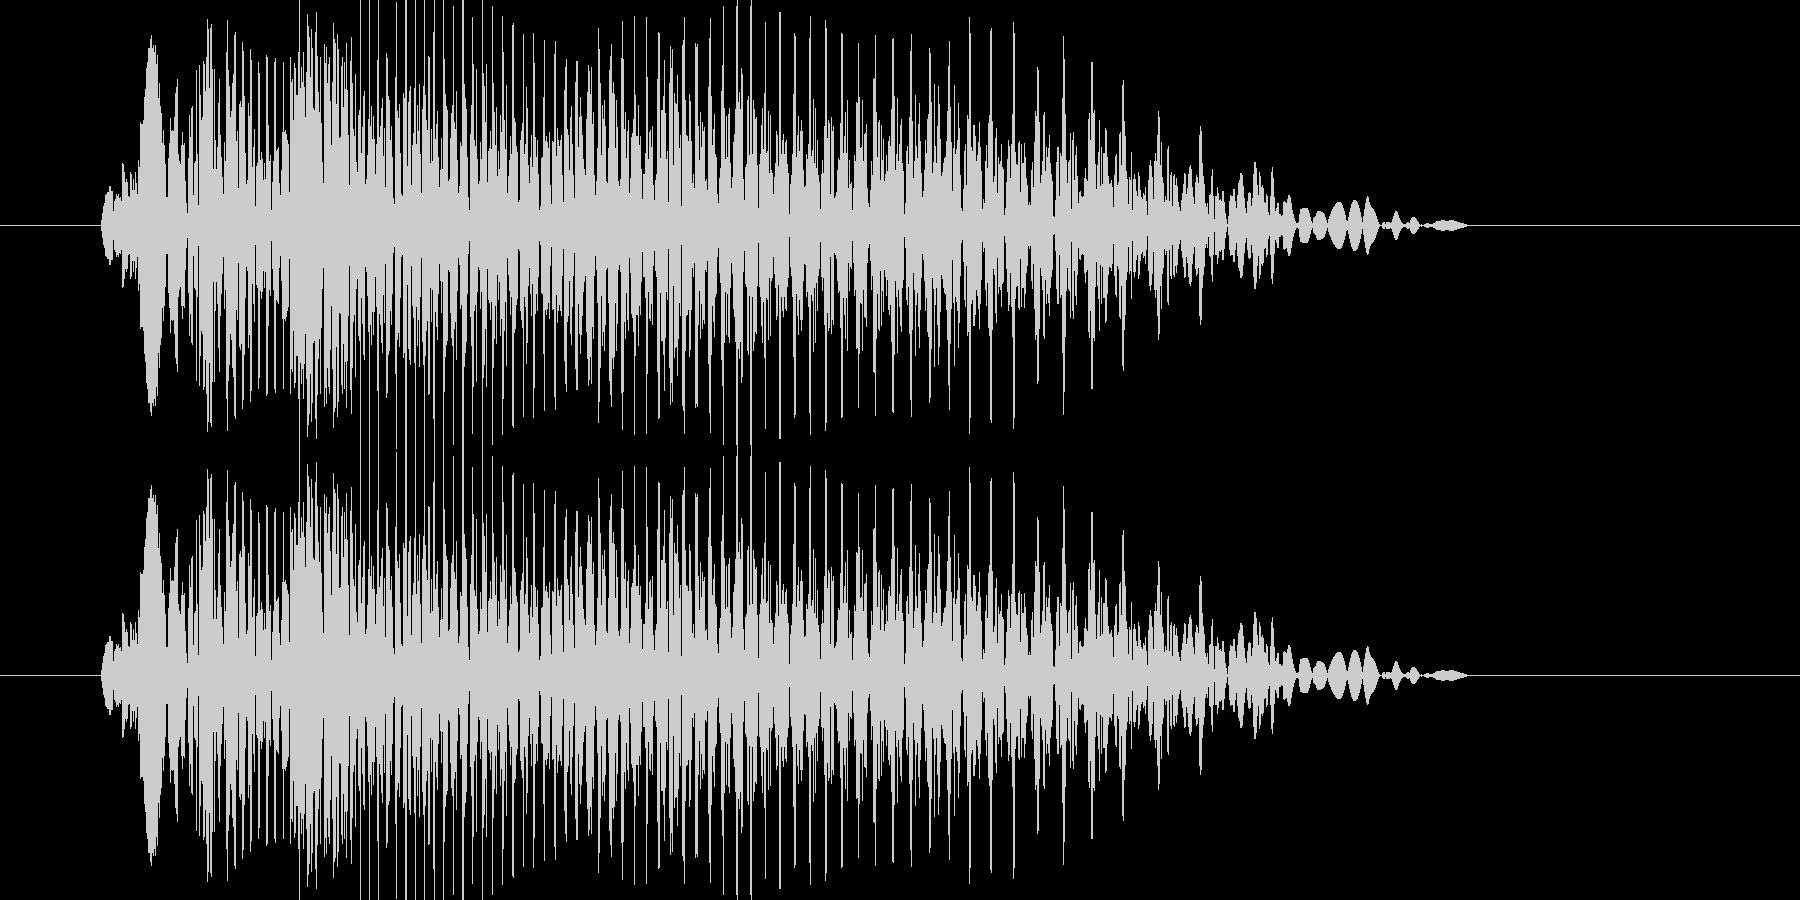 キュウン(ターンテーブル)の未再生の波形